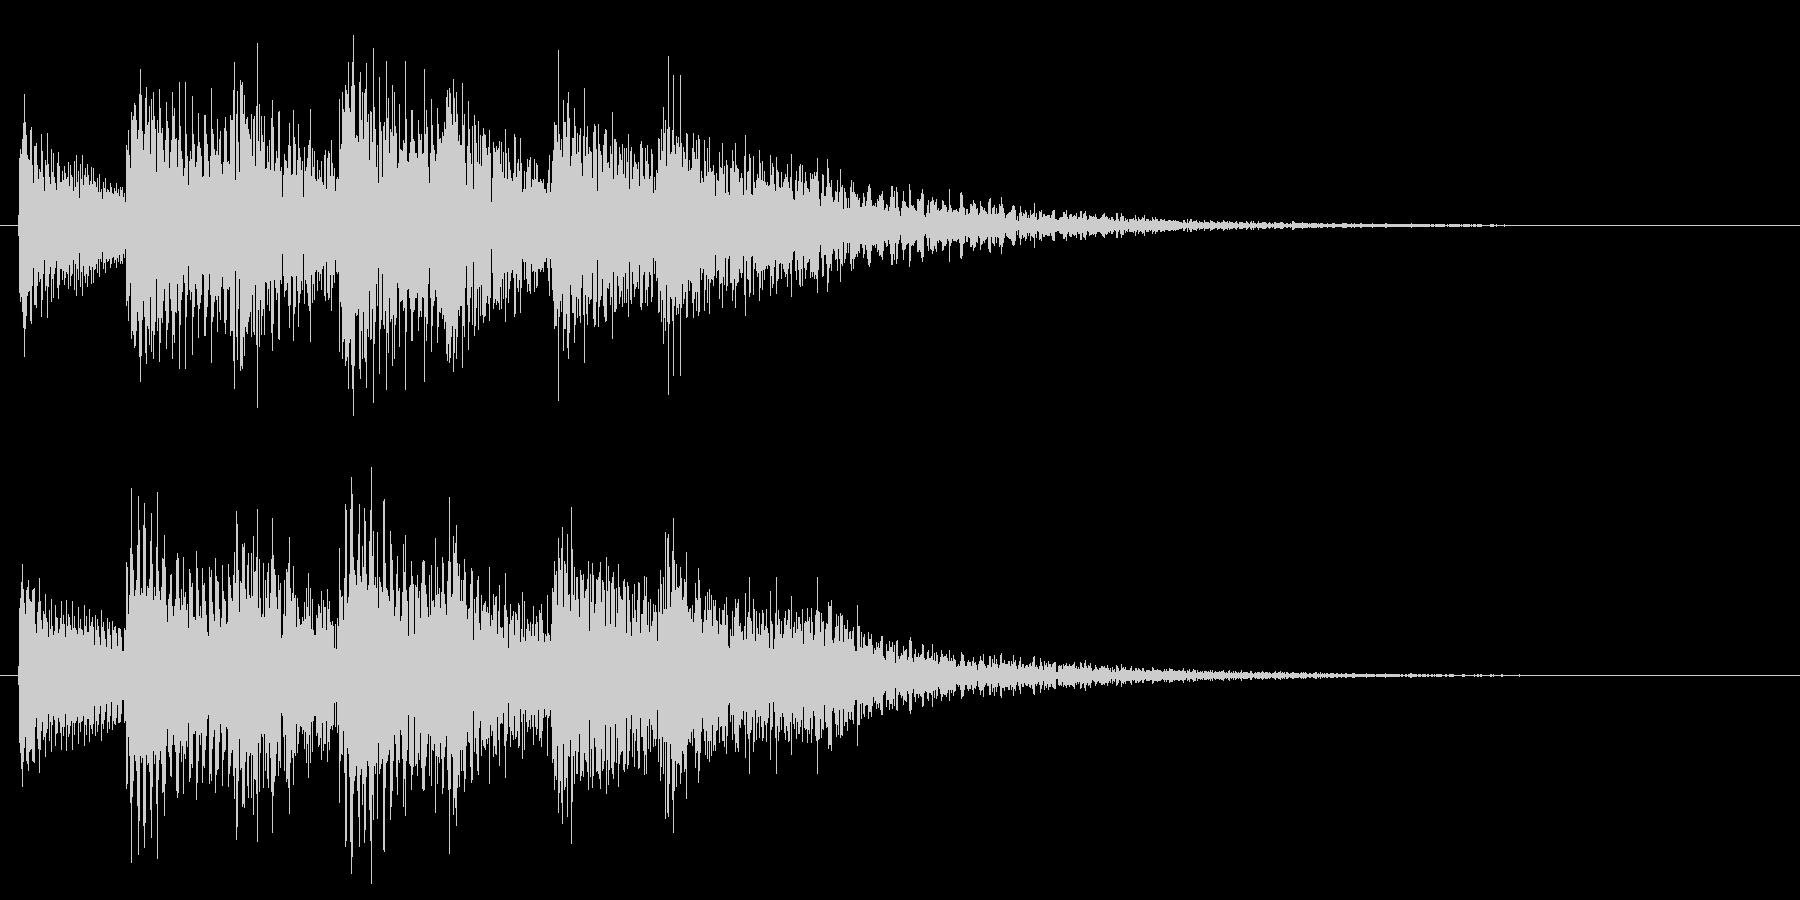 和風効果音 琴 クール アクセント B2の未再生の波形